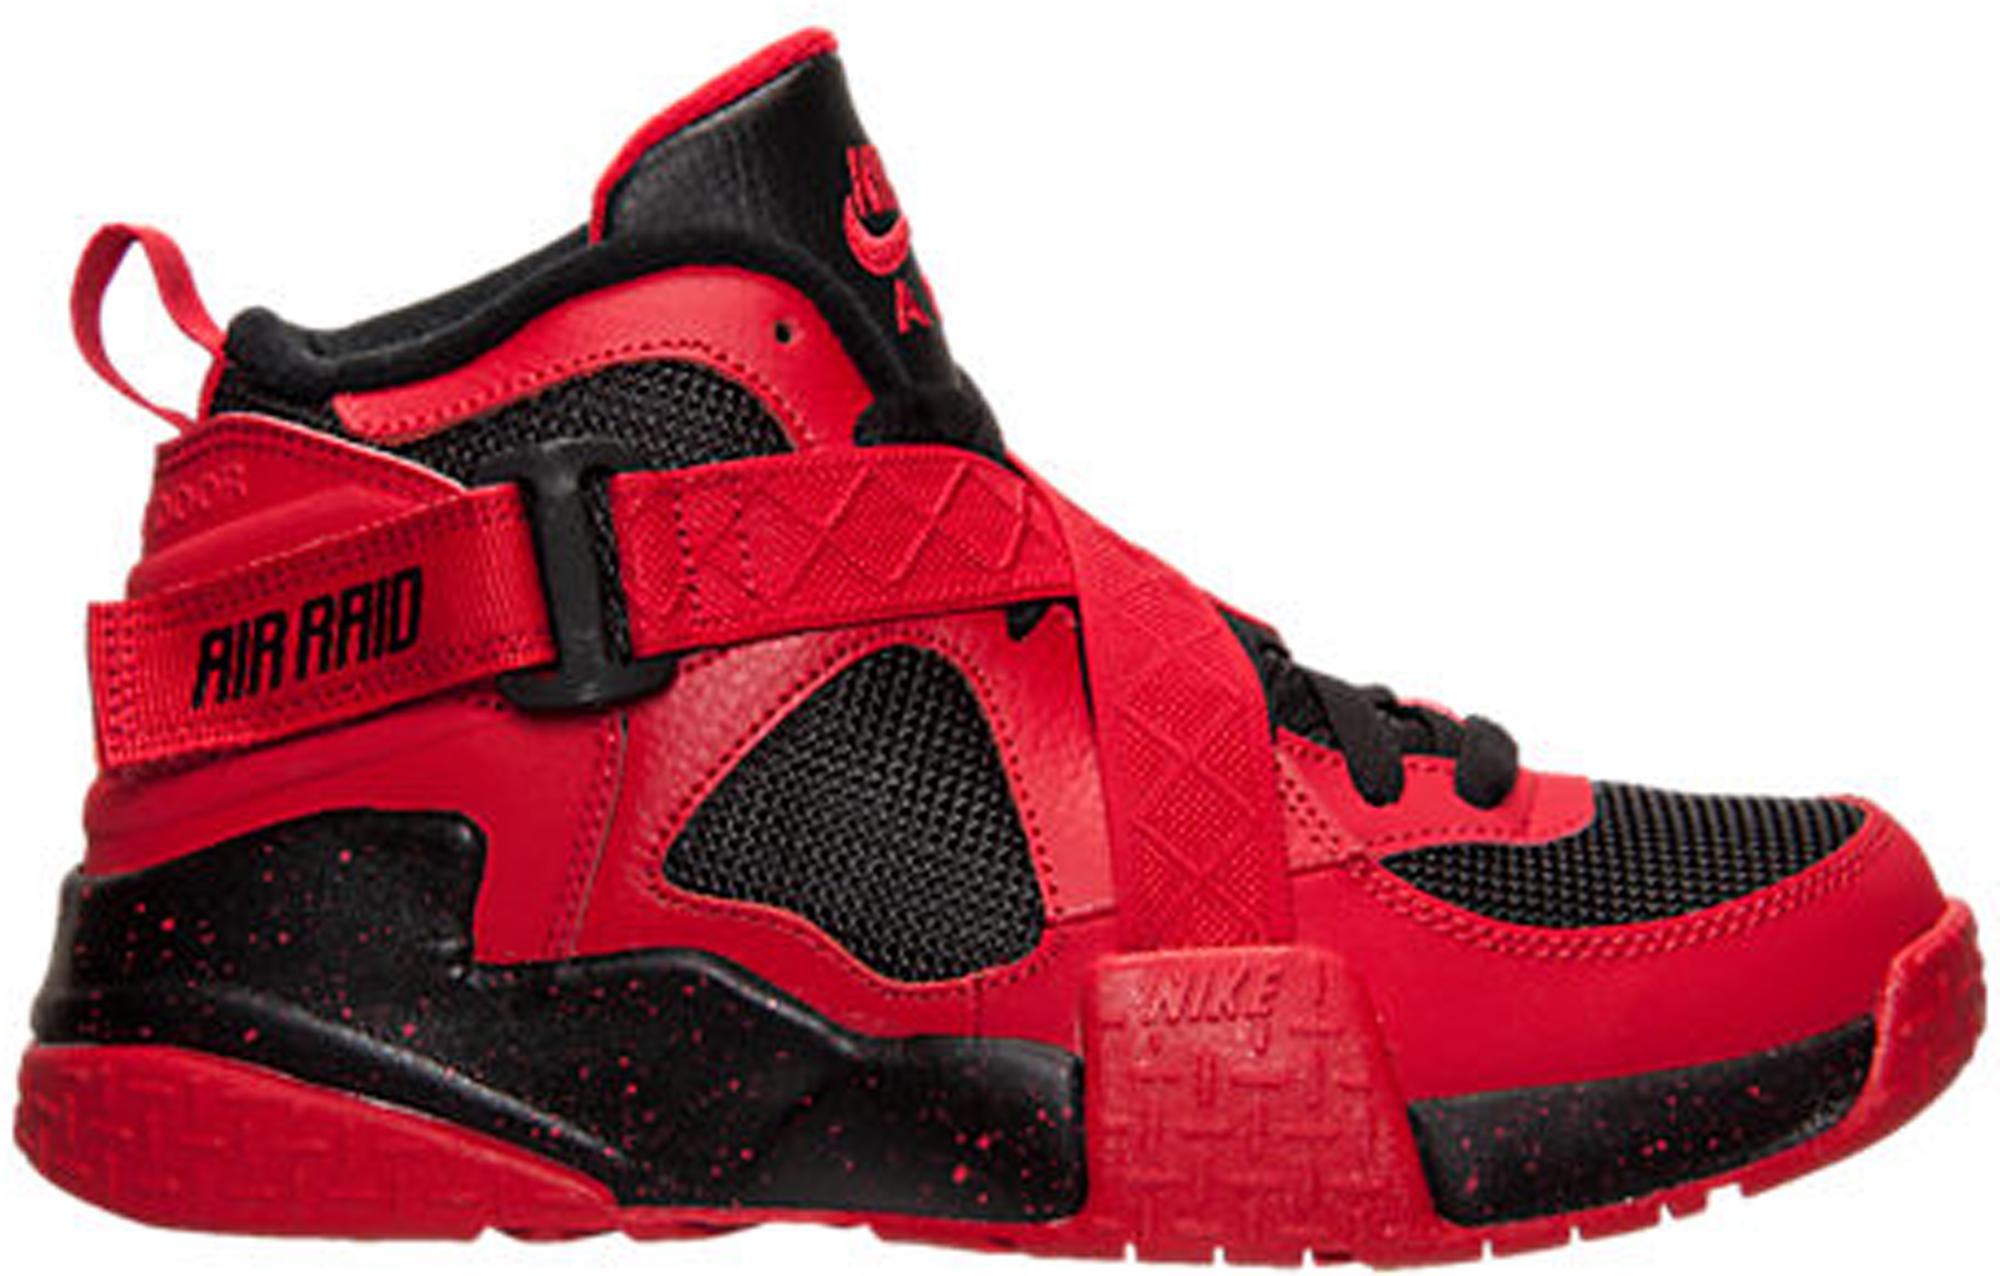 Nike Air Raid University Red Black (GS